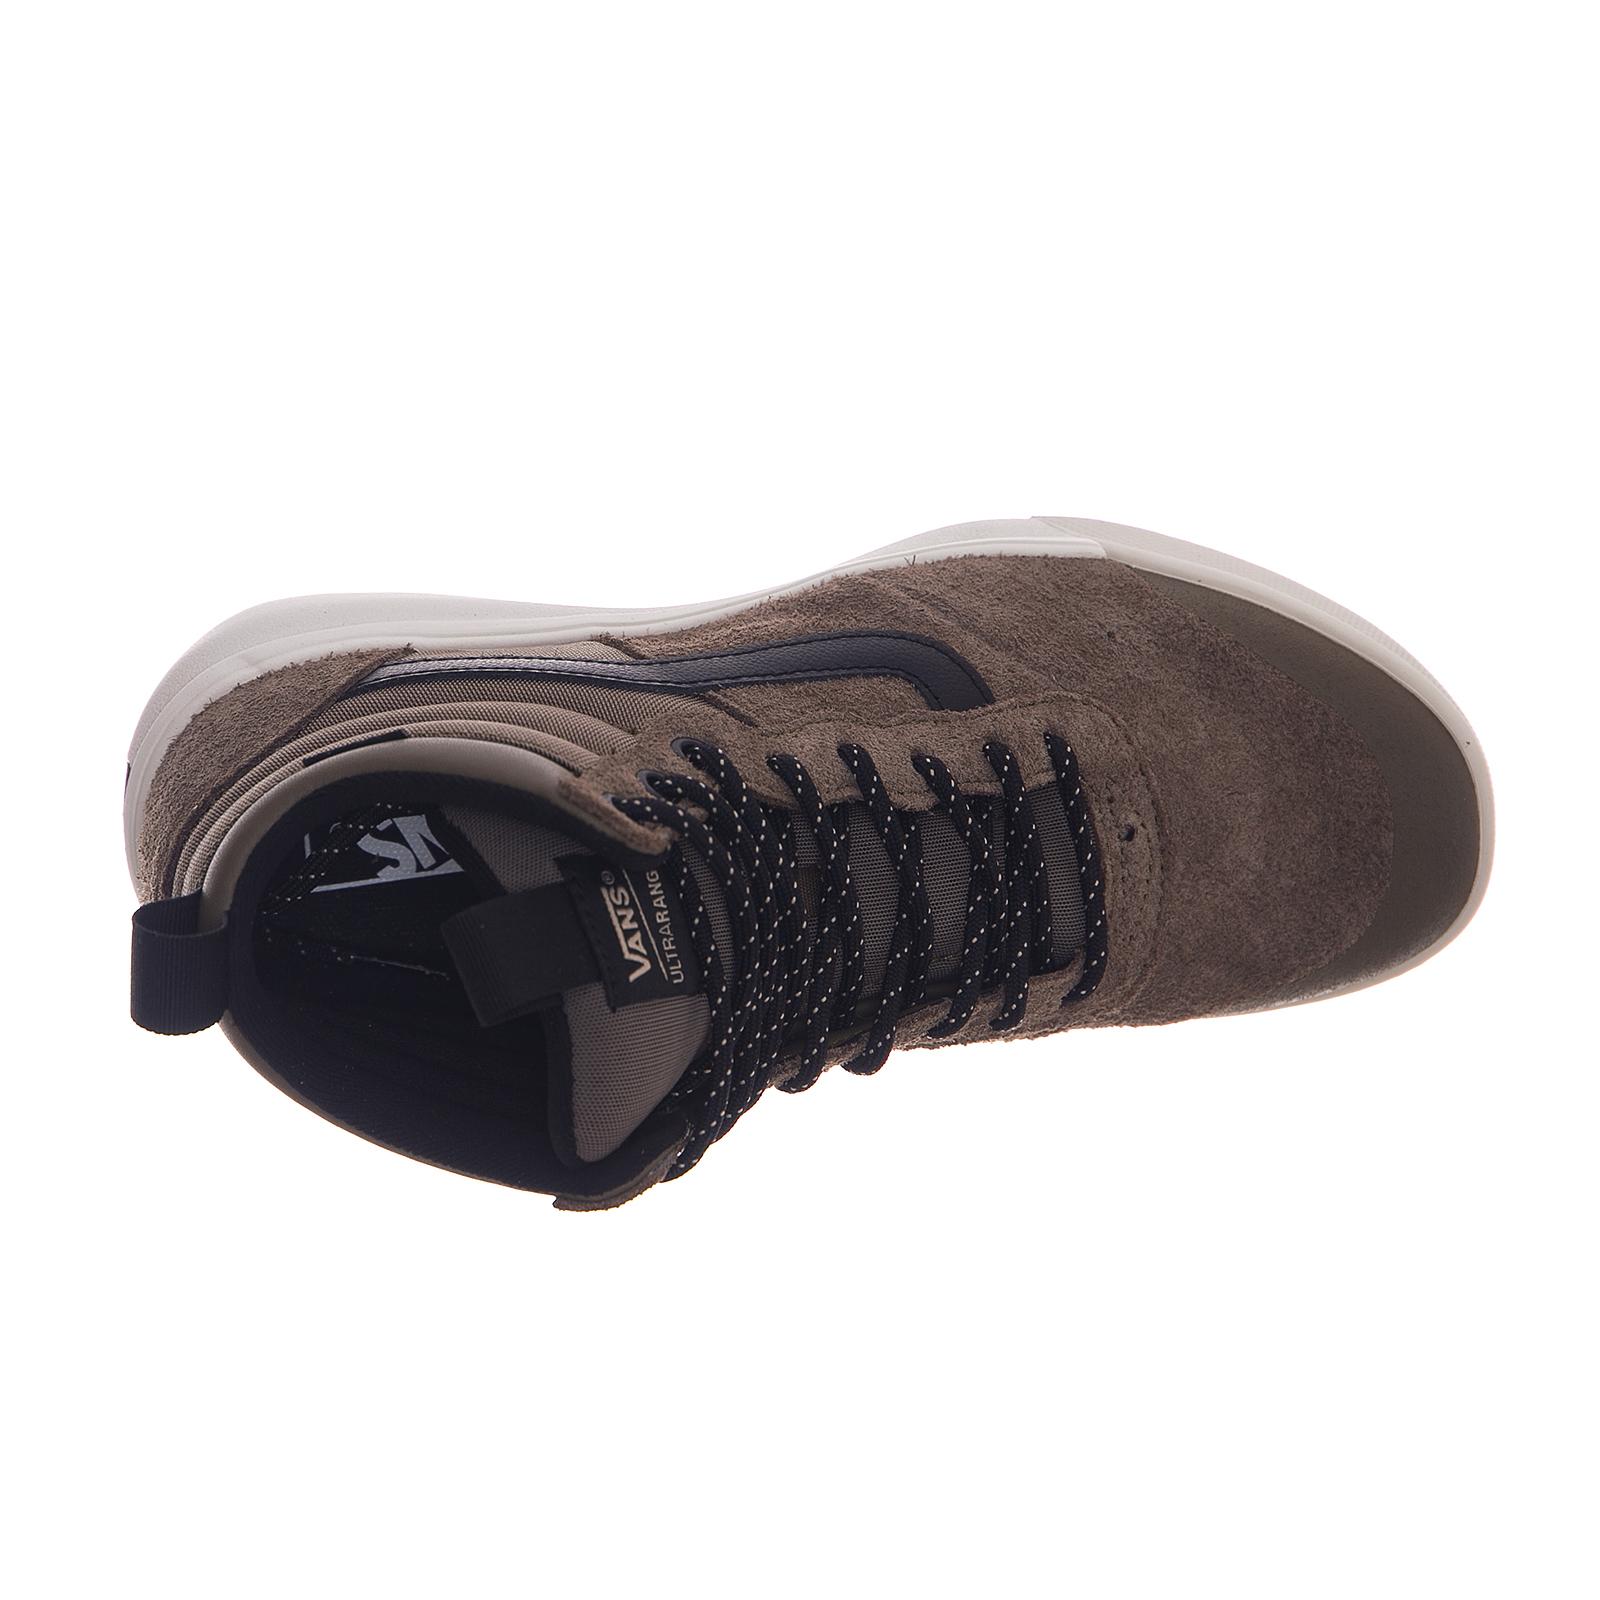 Vans Sneakers Ua Ultrarange Ultrarange Ultrarange Hi Cub Marshmallow Brown 72cd06